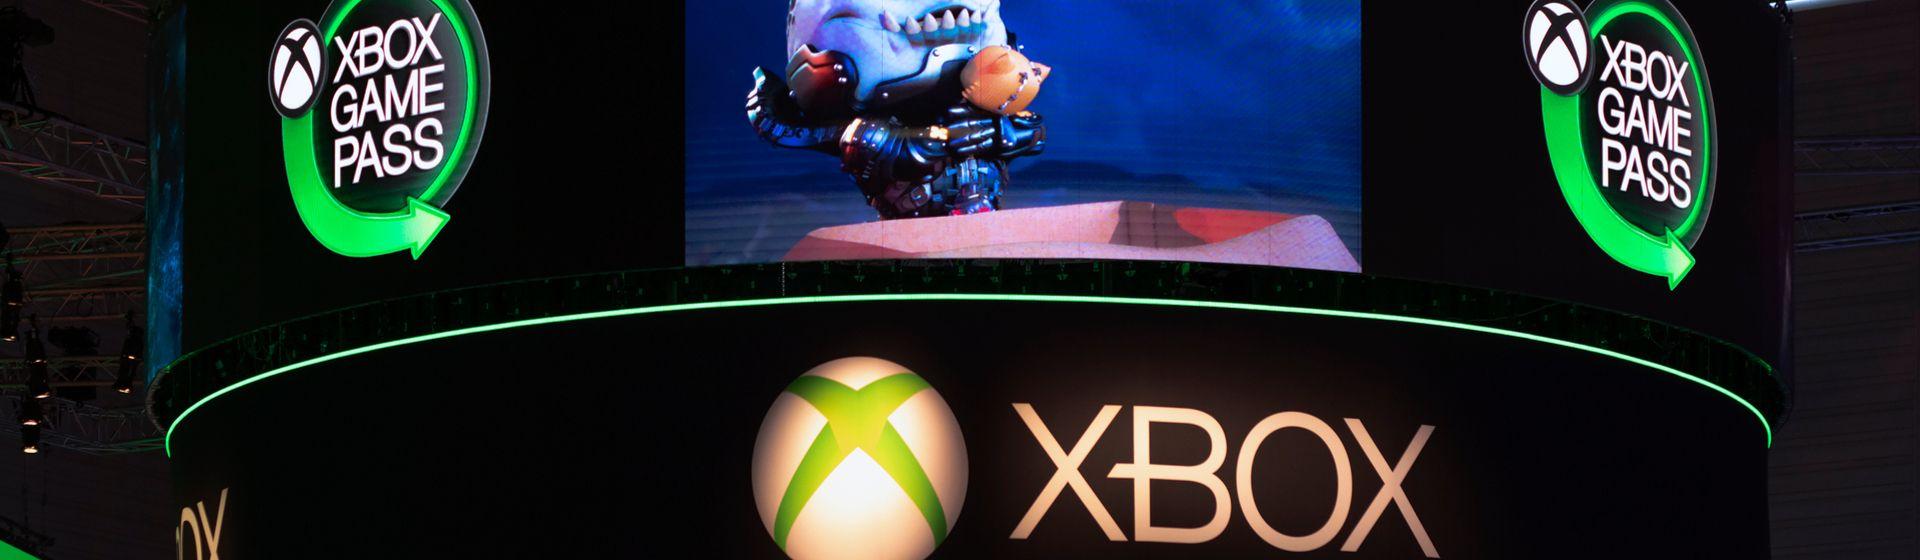 Xbox Game Pass vale a pena? Veja preços e vantagens do serviço